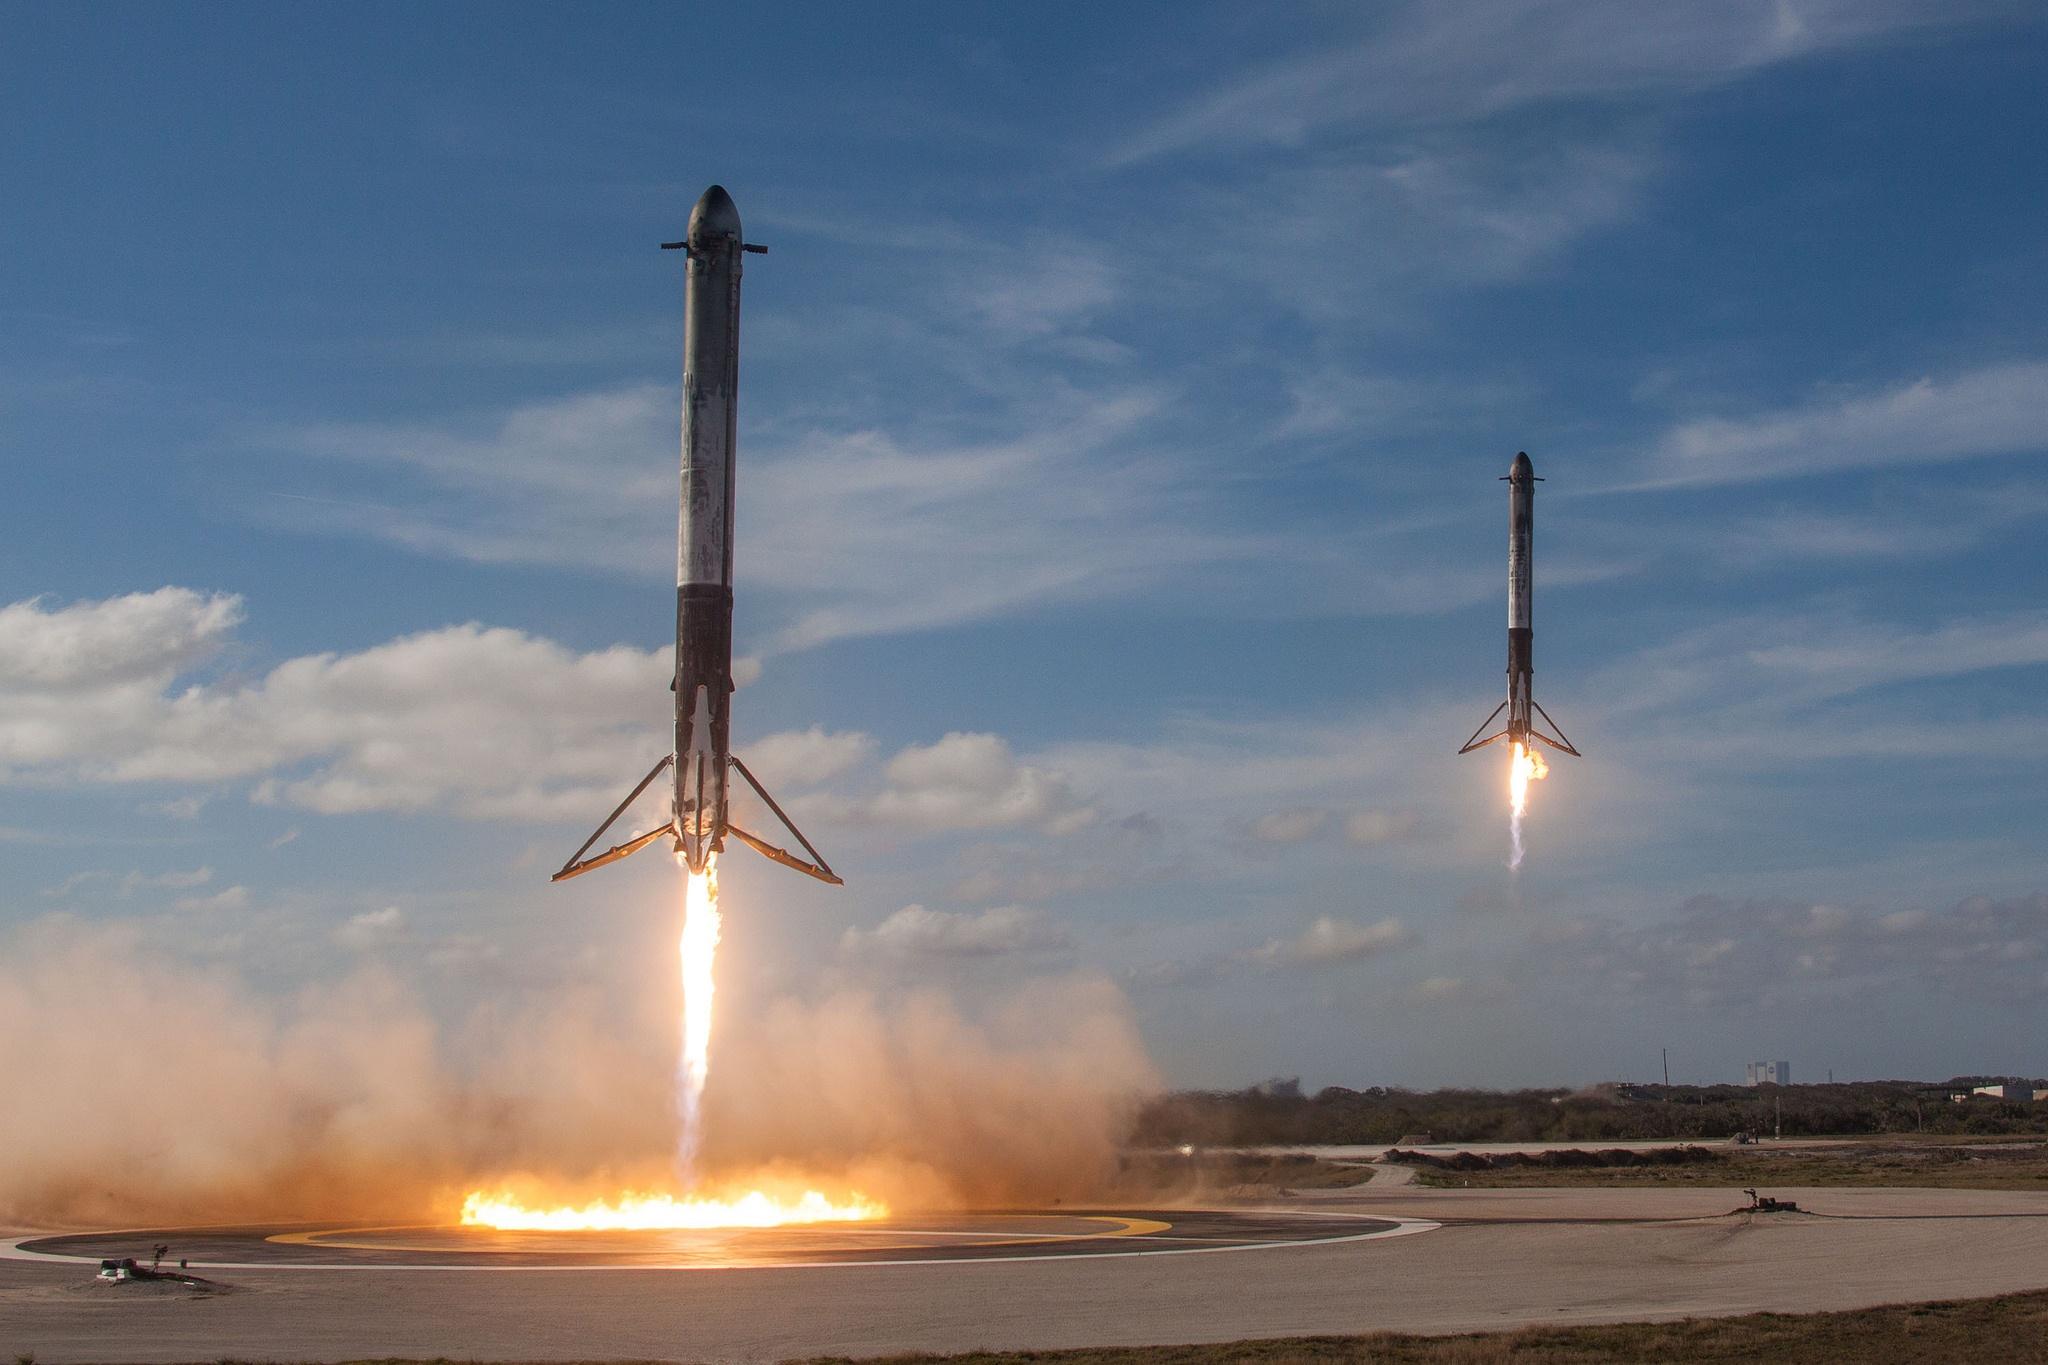 Два из трех ускорителей успешно вернулись на Землю и будут использоваться в следующих запусках. Фото: SpaceX / Flickr